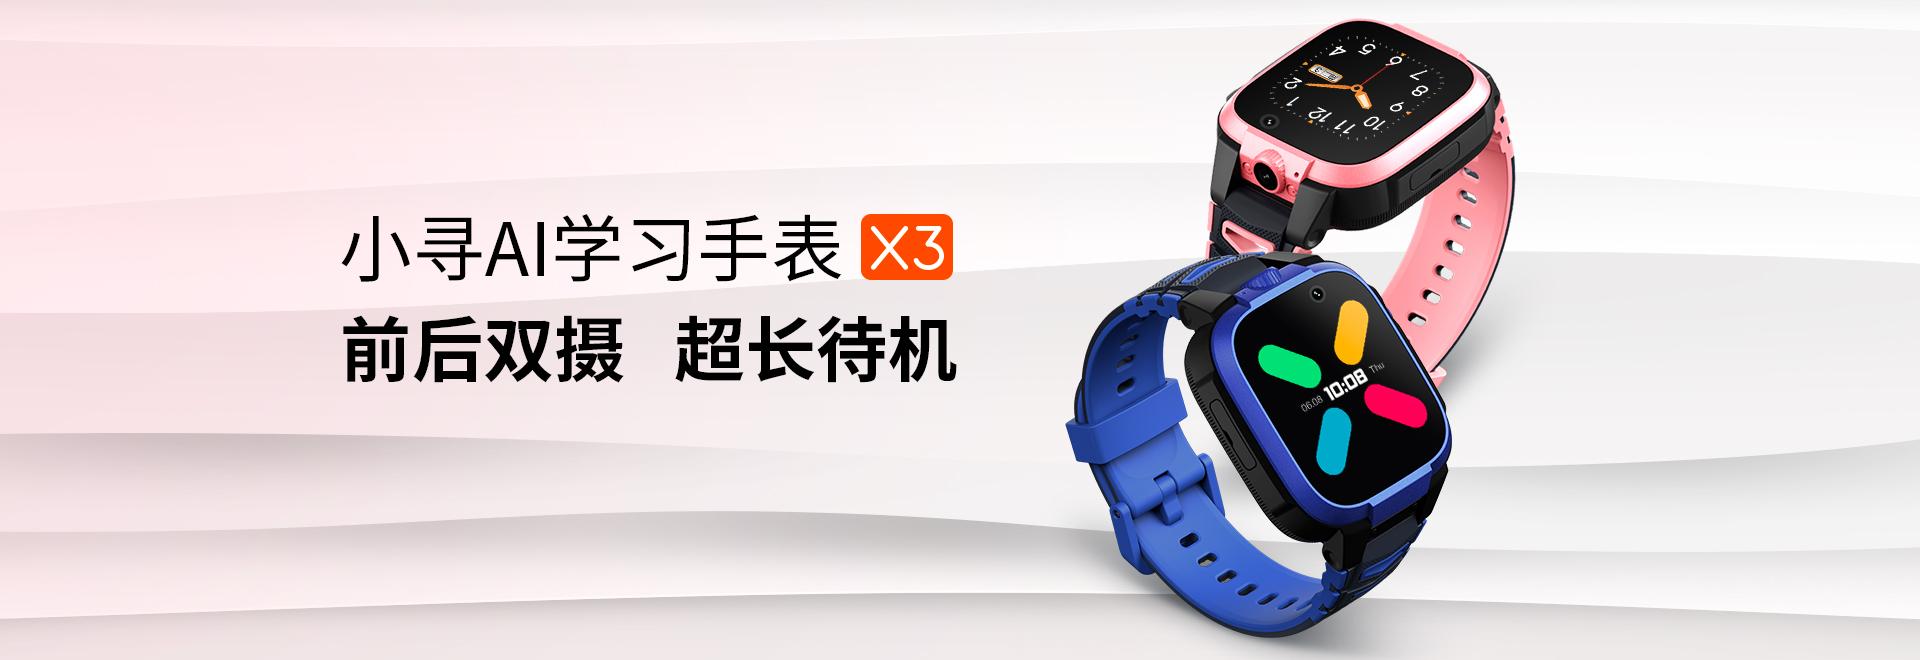 小寻AI学习手表X3